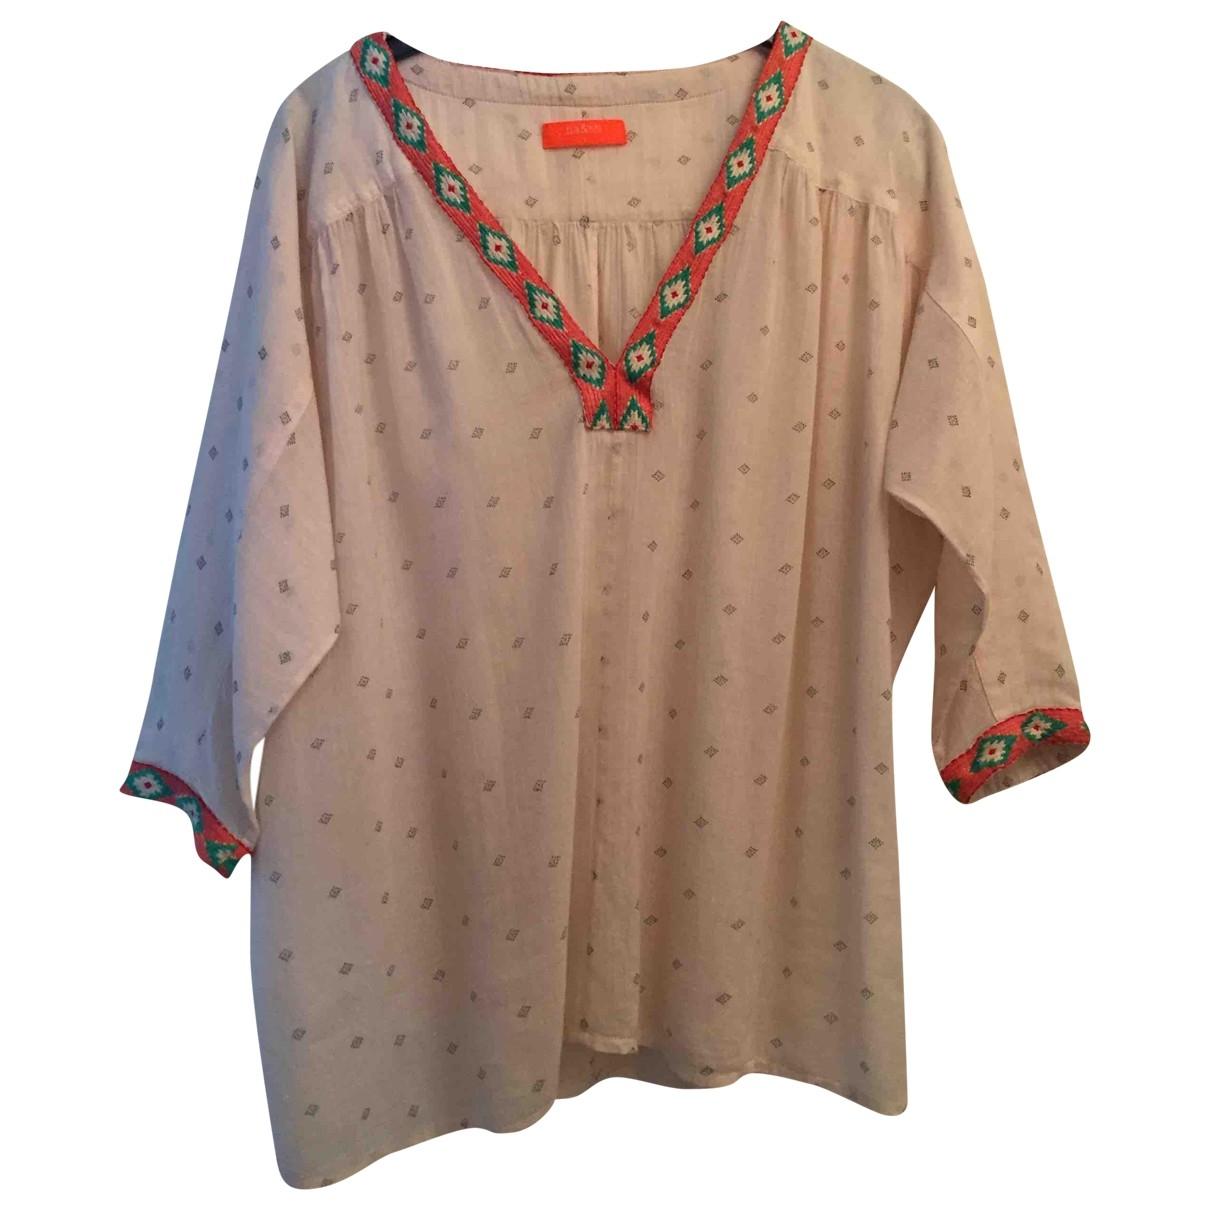 Ba&sh \N Ecru Cotton  top for Women 36 FR